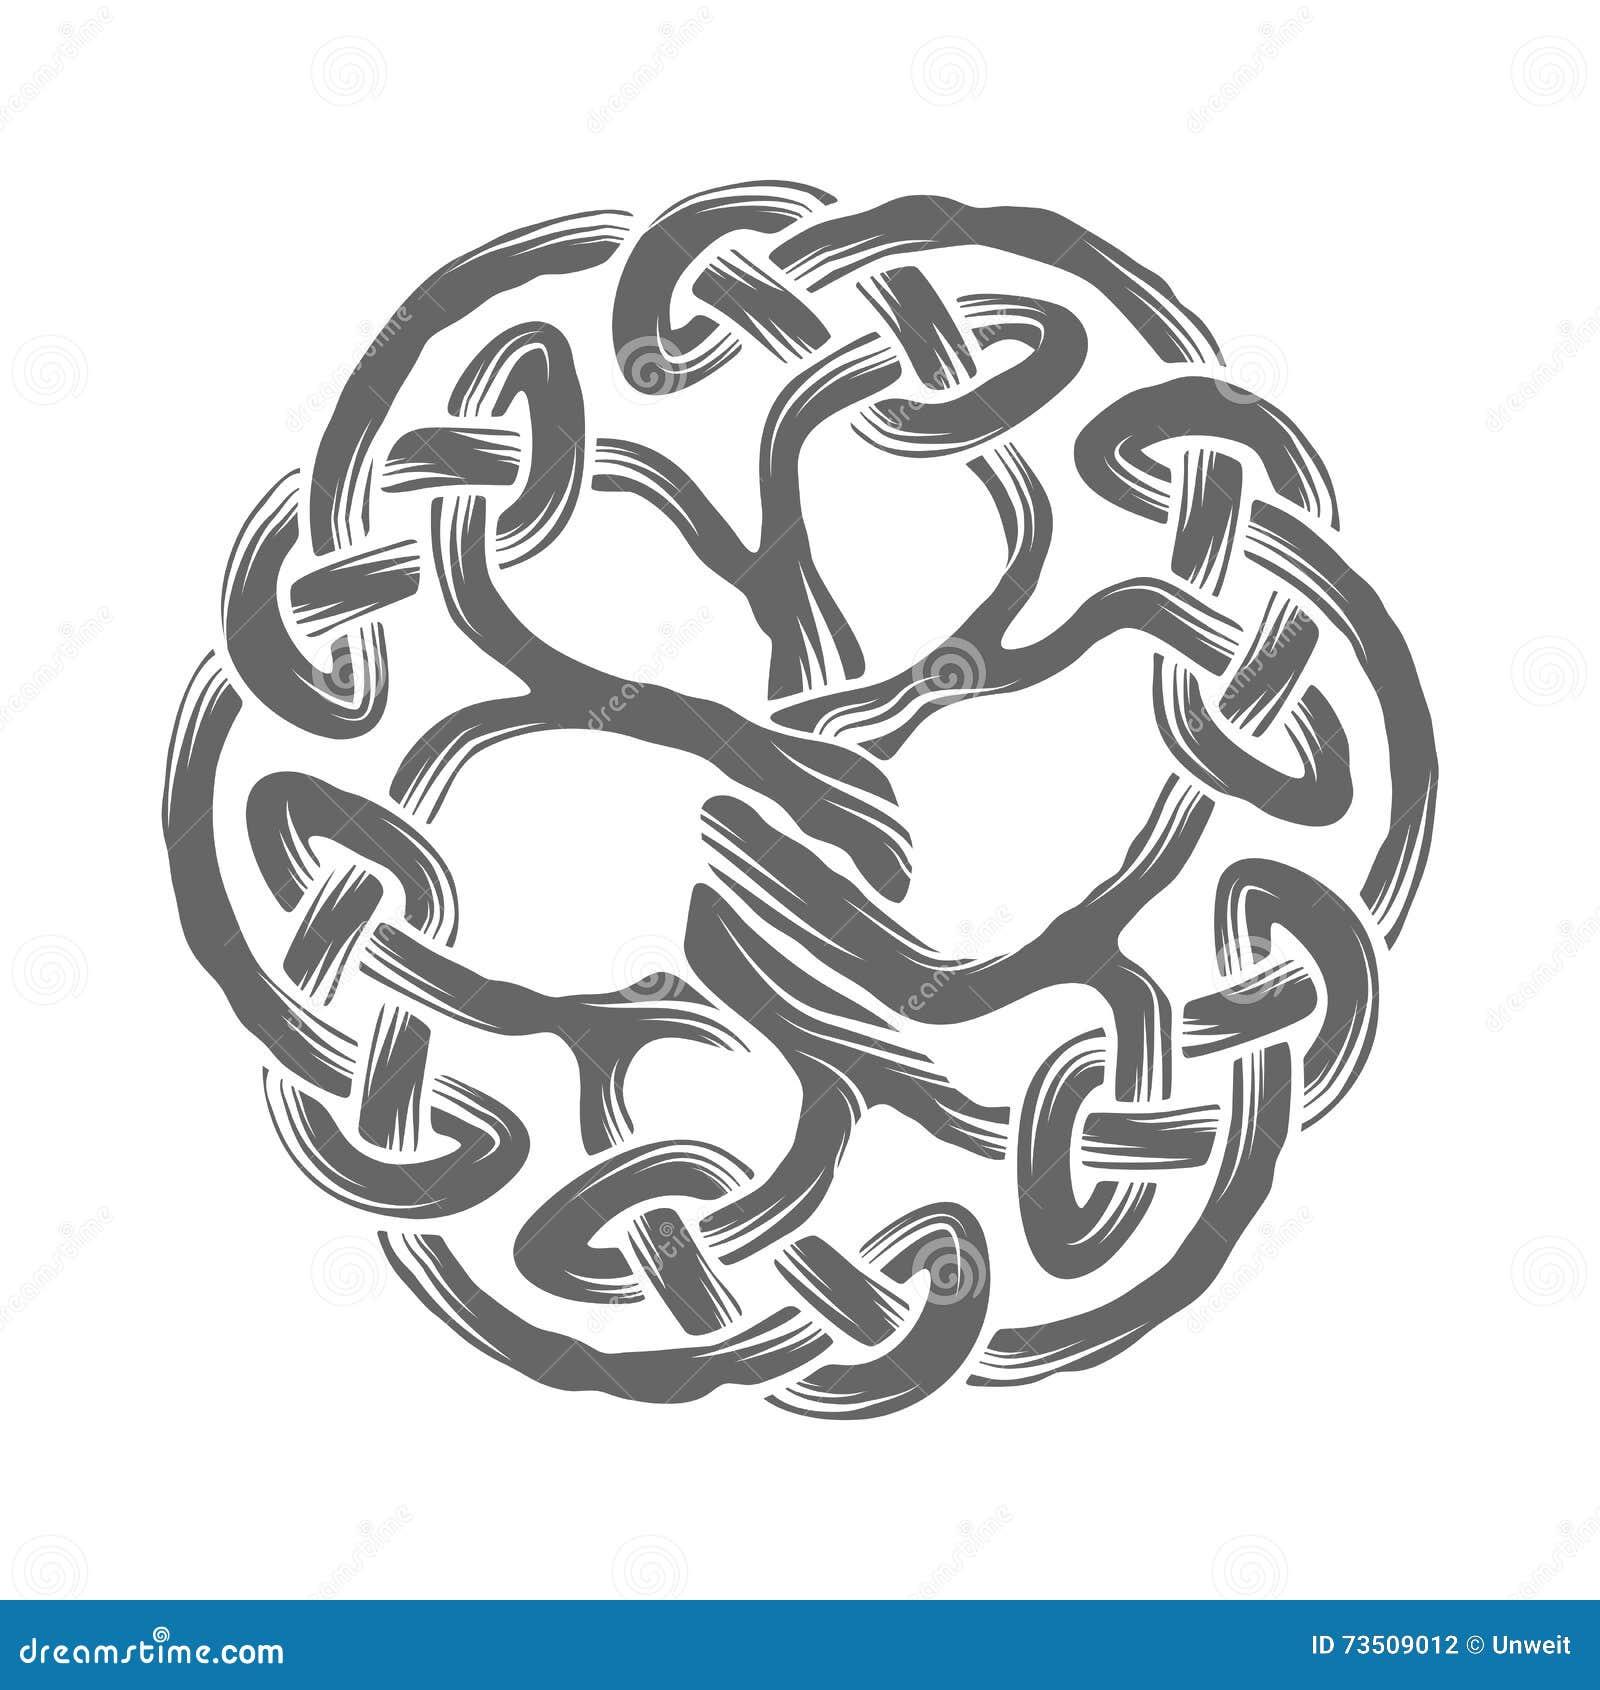 keltischer baum des lebens vektor abbildung bild von keltisch 73509012. Black Bedroom Furniture Sets. Home Design Ideas